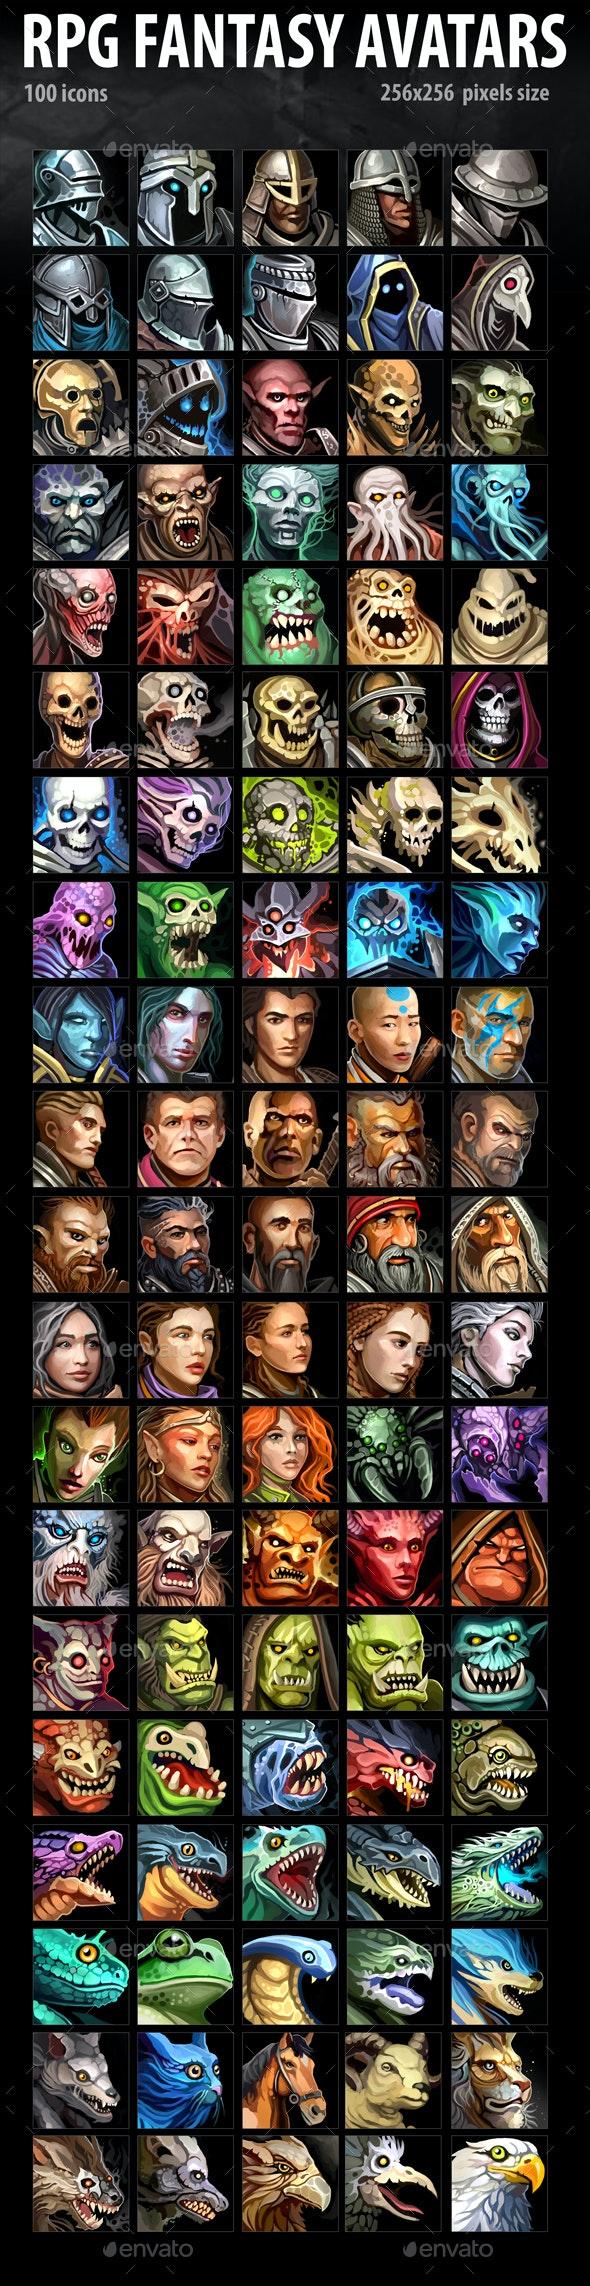 RPG Fantasy Avatars